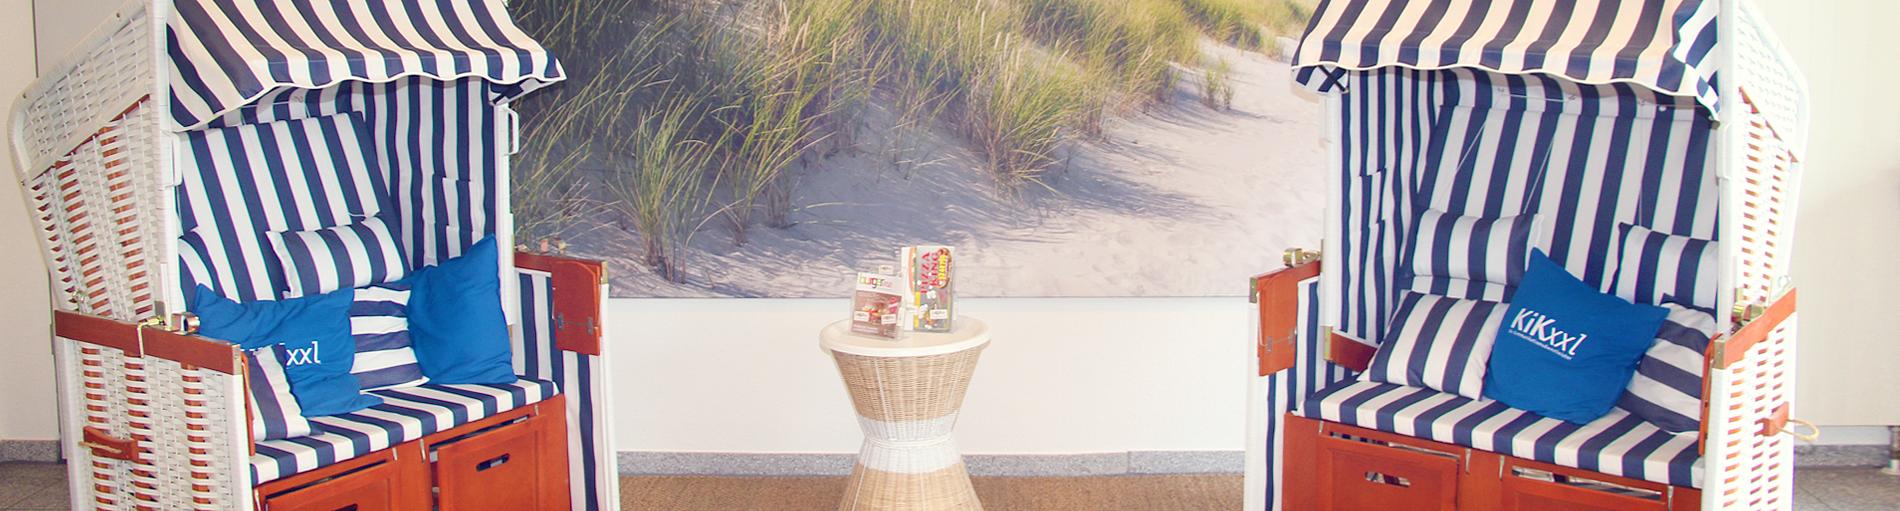 zwei Strandkörbe stehen in einem Büro